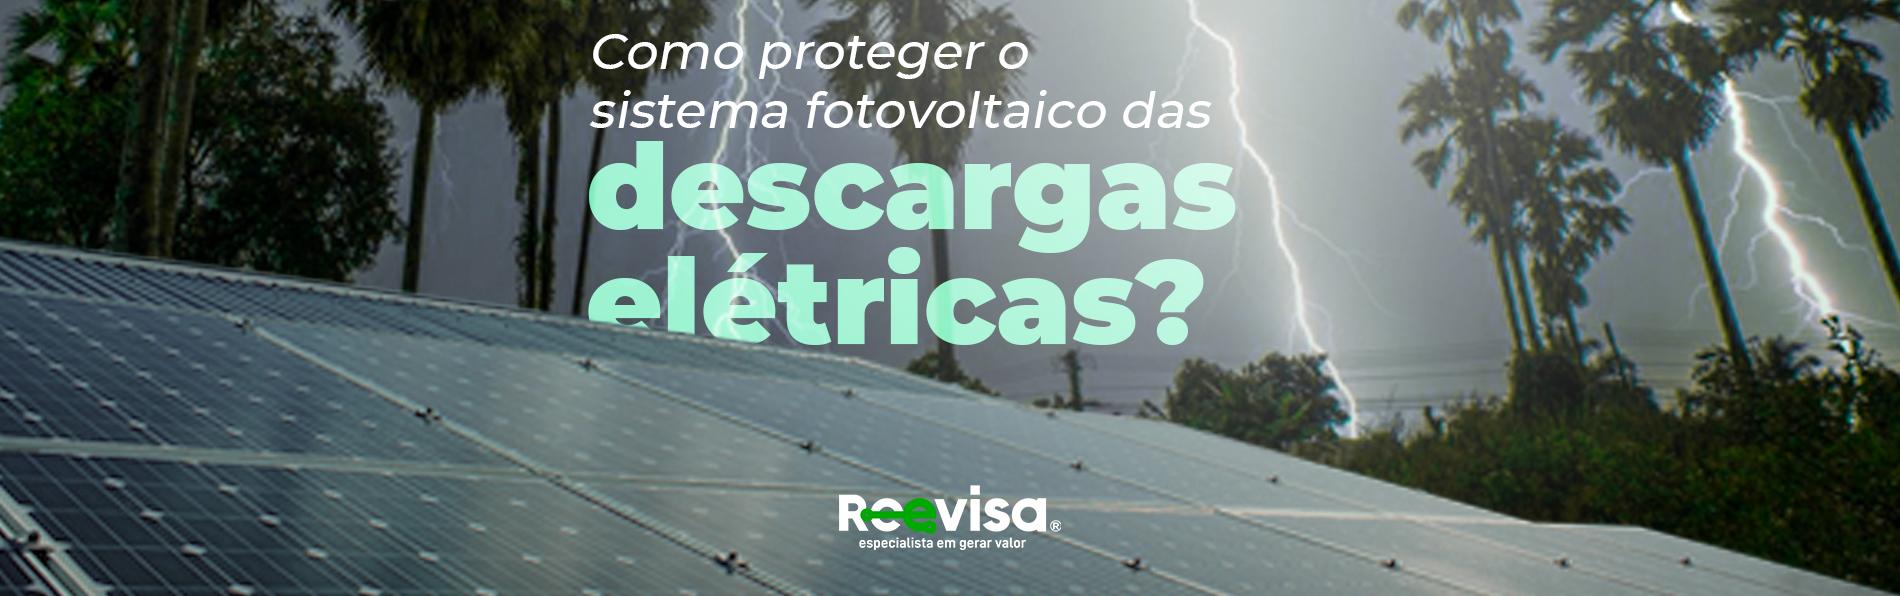 Sistema fotovoltaico: como proteger de descargas elétricas